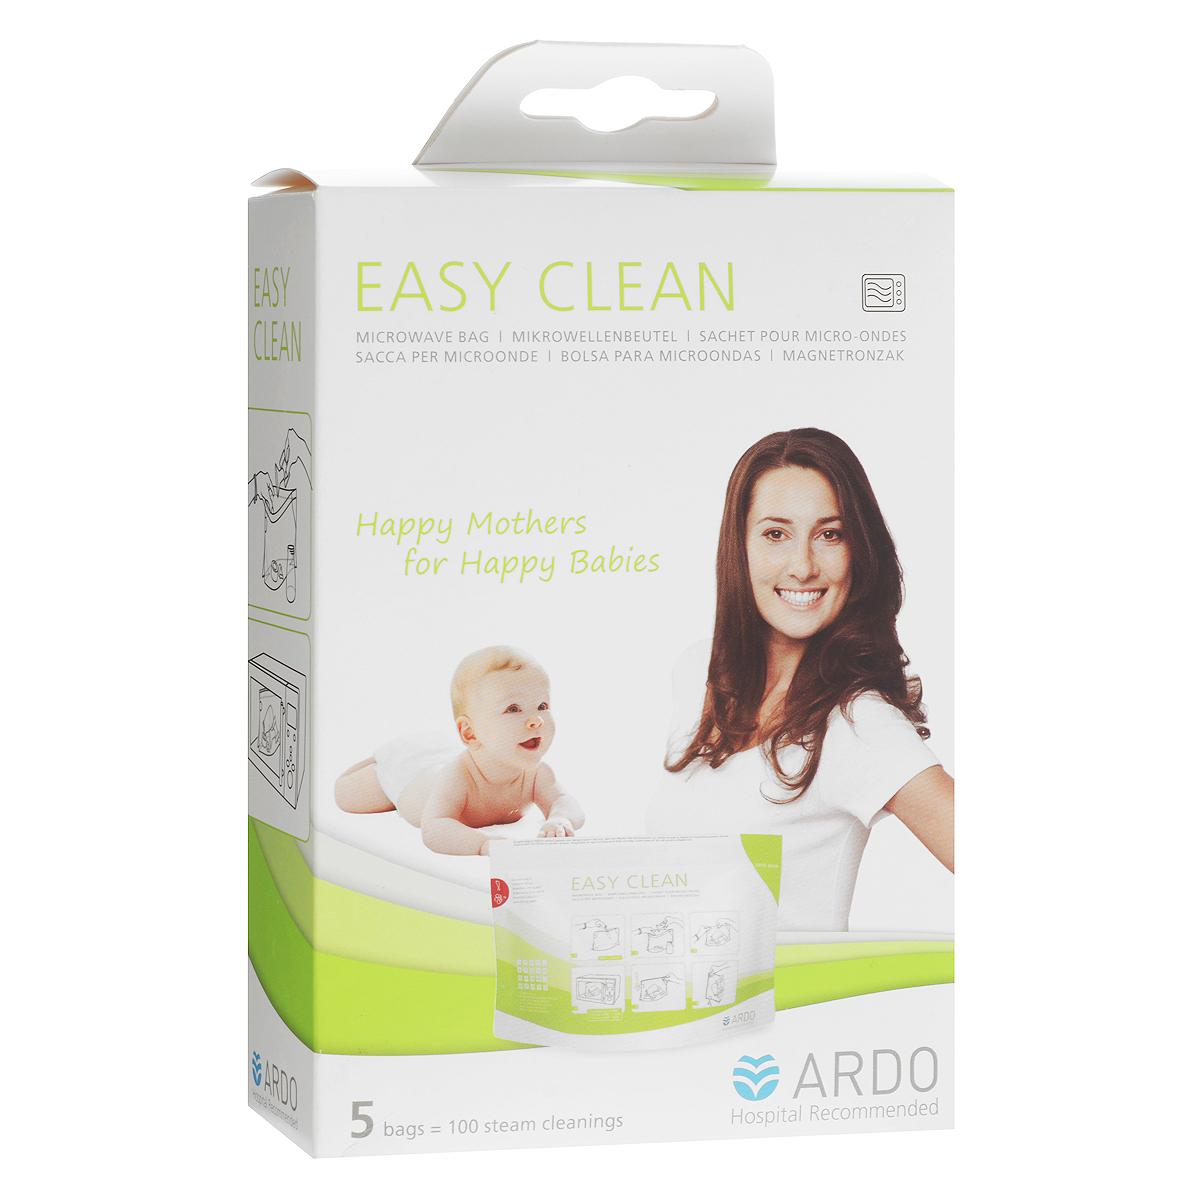 Пакеты Easy Clean от компании Ardo эффективно убивают бактерии и микробы на 99,9%. Достаточно всего пары минут для полной стерилизации - экономия времени и электроэнергии. Пакеты имеют пароотводный клапан, который защитит вас от паровых ожогов при открытии пакета Компактные, простые и безопасные в использовании. Храните стерилизованный комплект в закрытом пакете до времени использования. Пакет откройте только перед использованием. В упаковке 5 пакетов (1 упаковки хватает на 100 применений).